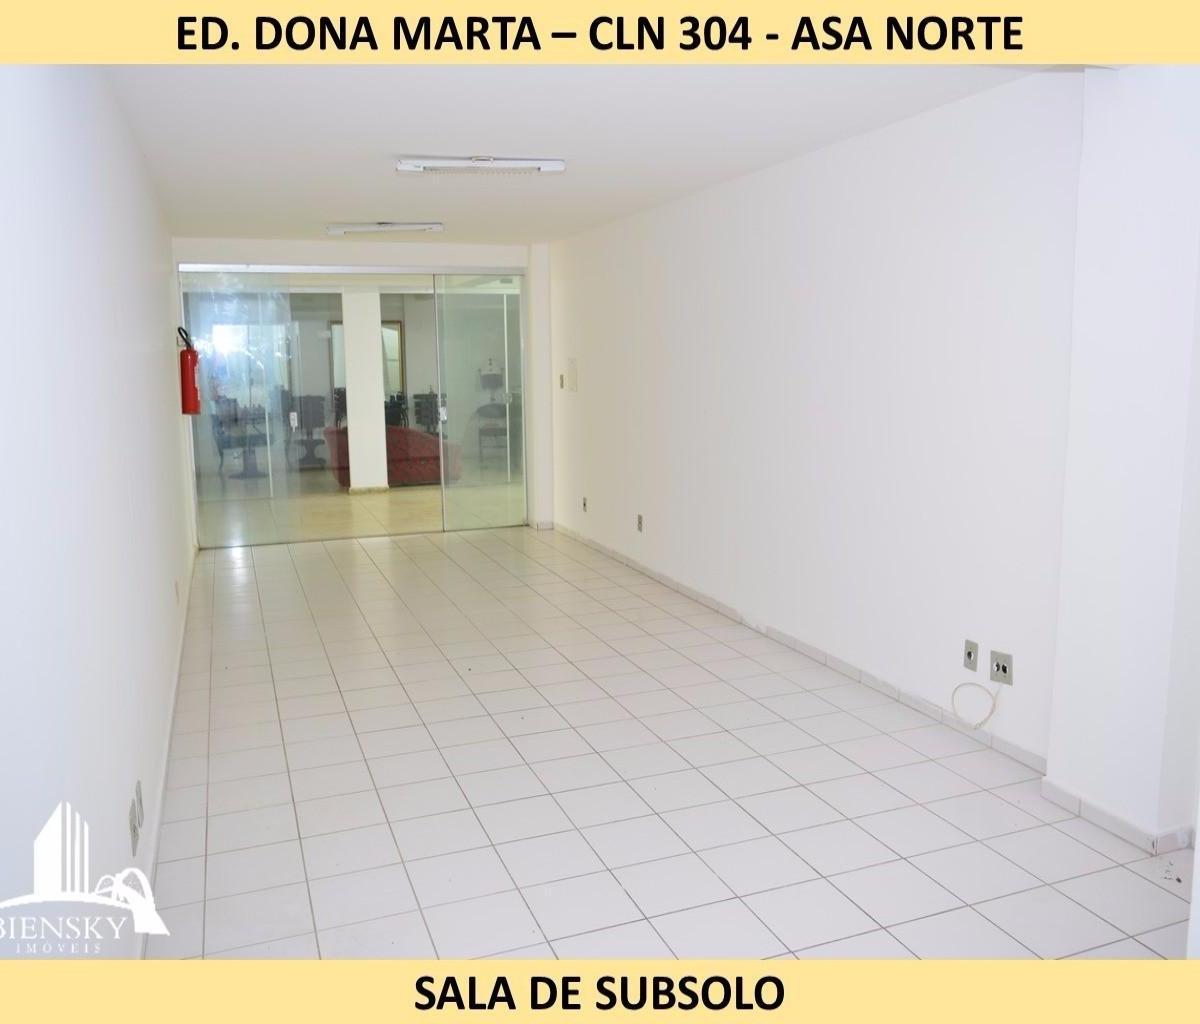 Imagens de #998132  Distrito Federal Brasília Asa Norte CLN 304 BLOCO D LOJA DE SUBSOLO 1200x1024 px 3560 Blindex Banheiro Asa Norte